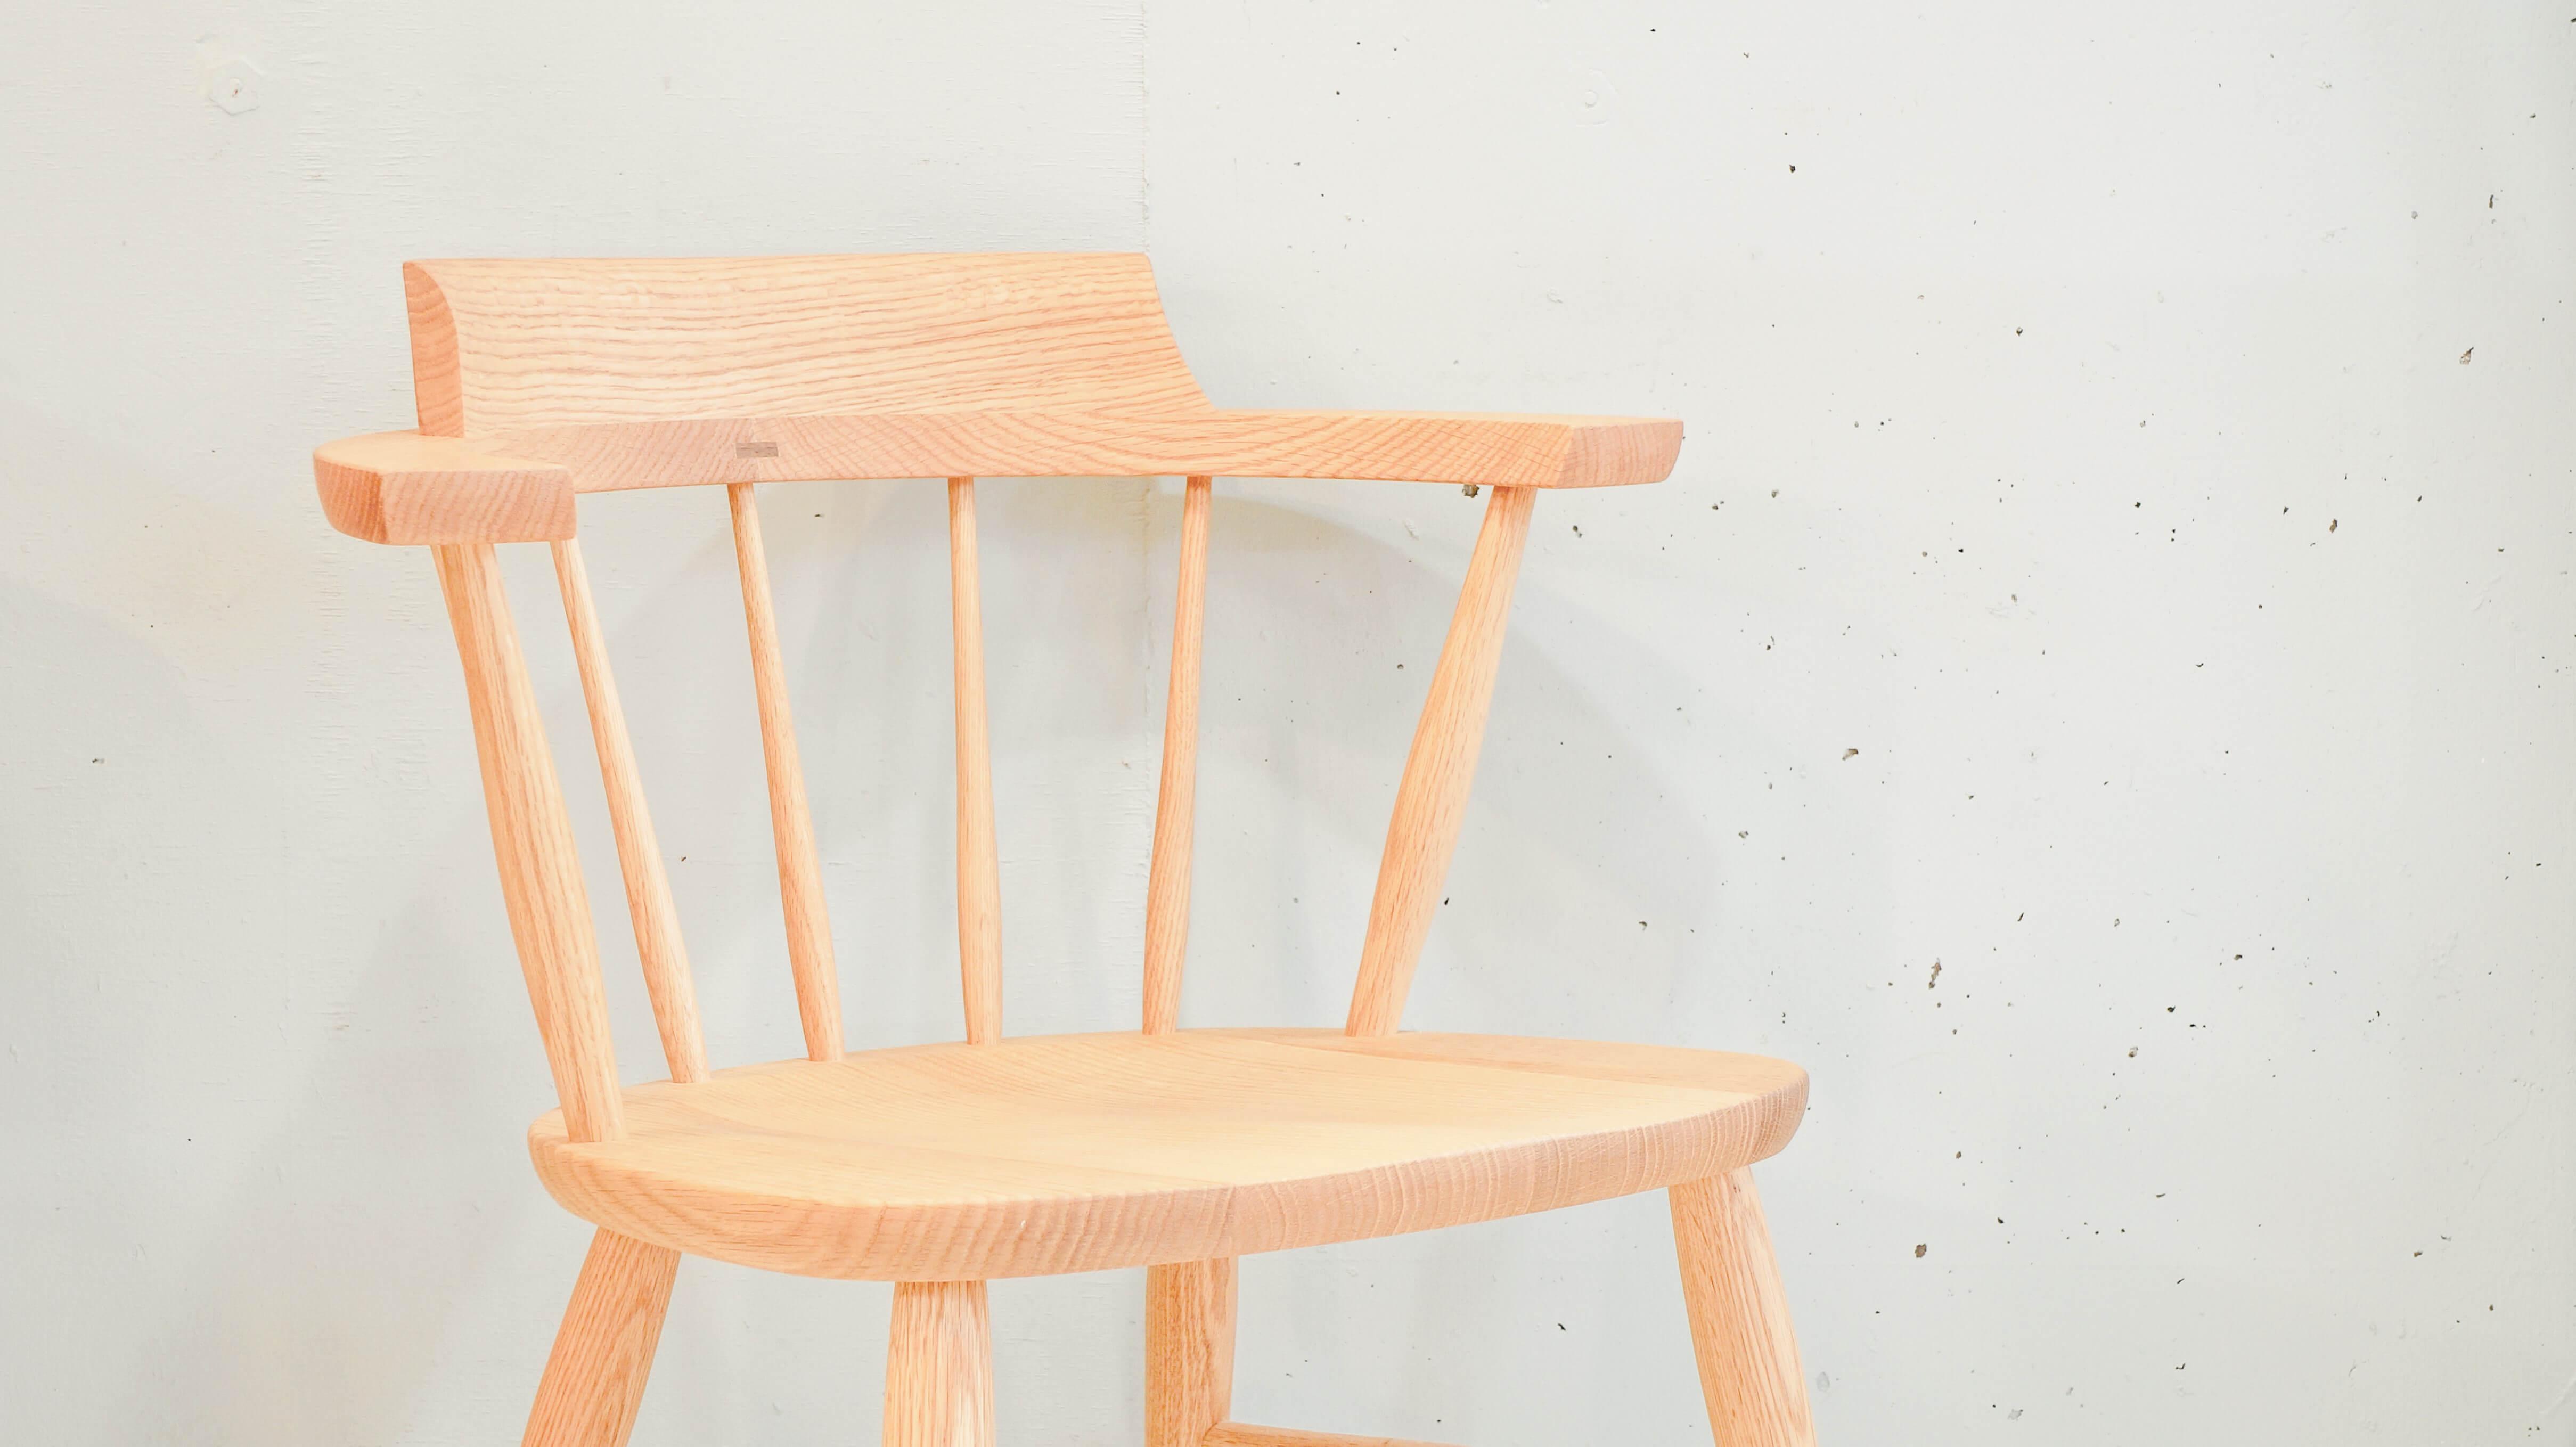 """1800年代初期、イギリスの匠によって制作された『ウィンザーチェア』を柏木工が現代の日本に合わせ、""""リ・デザイン""""したチェア、クラウンチェアです。丁度いい肘掛けの高さや、""""座刳り(ざぐり)""""と呼ばれる座り心地を良くする為の、座面のでこぼこ、見た目の美しさと強度を誇る曲木の背もたれなど、さまざまなこだわりが詰まっています。KASIWA,MOKKO,CROWN,CHAIR,TAKAYAMA WOOD WORKS,CAPTAIN CHAIR,柏木工,クラウンチェア,高山ウッドワークス,キャプテンチェア,ダイニングチェア,飛騨家具,椅子,無垢,ナチュラル,中古,東京都,杉並区,阿佐ヶ谷,北,アンティーク,ショップ,古一,ZACK,高円寺,店,古,一,出張,無料,買取,杉並区,周辺,世田谷区,目黒区,武蔵野市,新宿区,東京近郊,お見積もり,ビンテージ家具,インテリア雑貨,ランプ,USED品, リサイクル,ユーズド,ふるいち,古市,フルイチ,used,furuichiCAPTAINウィンザーチェア,キャプテンチェア,ナチュラル,手作り,無垢,飛騨高山~【東京都杉並区阿佐ヶ谷北アンティークショップ 古一/ZACK高円寺店】 古一/ふるいちでは出張無料買取も行っております。杉並区周辺はもちろん、世田谷区・目黒区・武蔵野市・新宿区等の東京近郊のお見積もりも!ビンテージ家具・インテリア雑貨・ランプ・USED品・ リサイクルなら古一/フルイチへ~"""